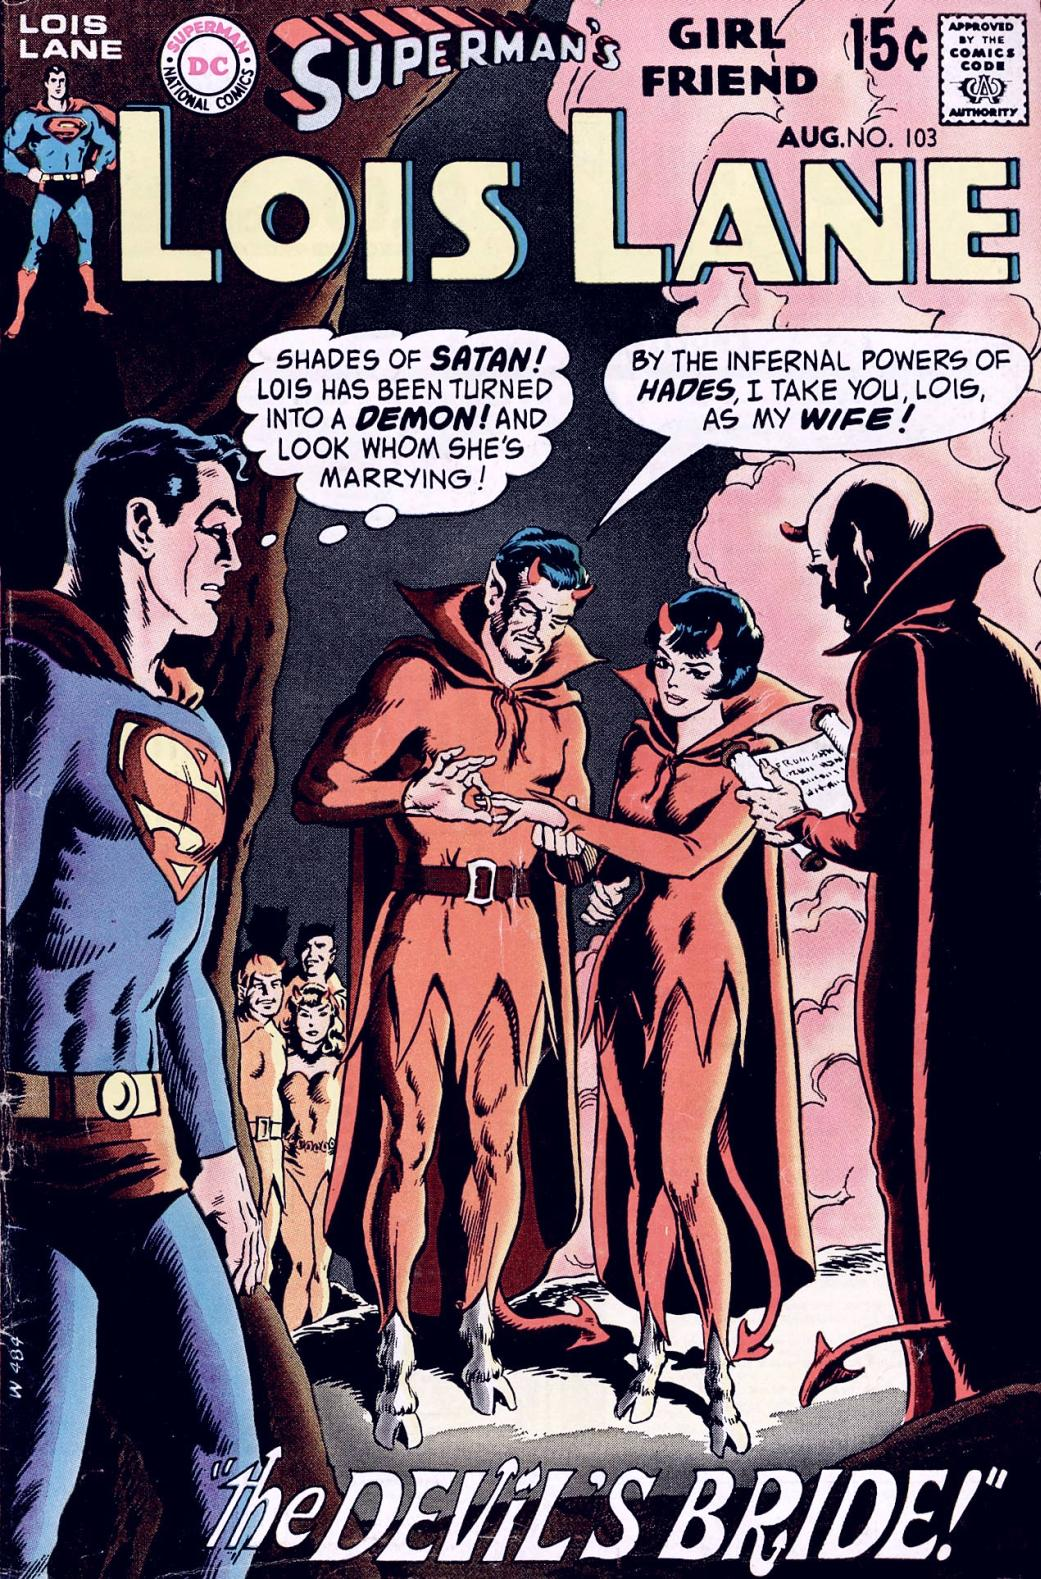 Supermans Girl Friend, Lois Lane 103 Page 1